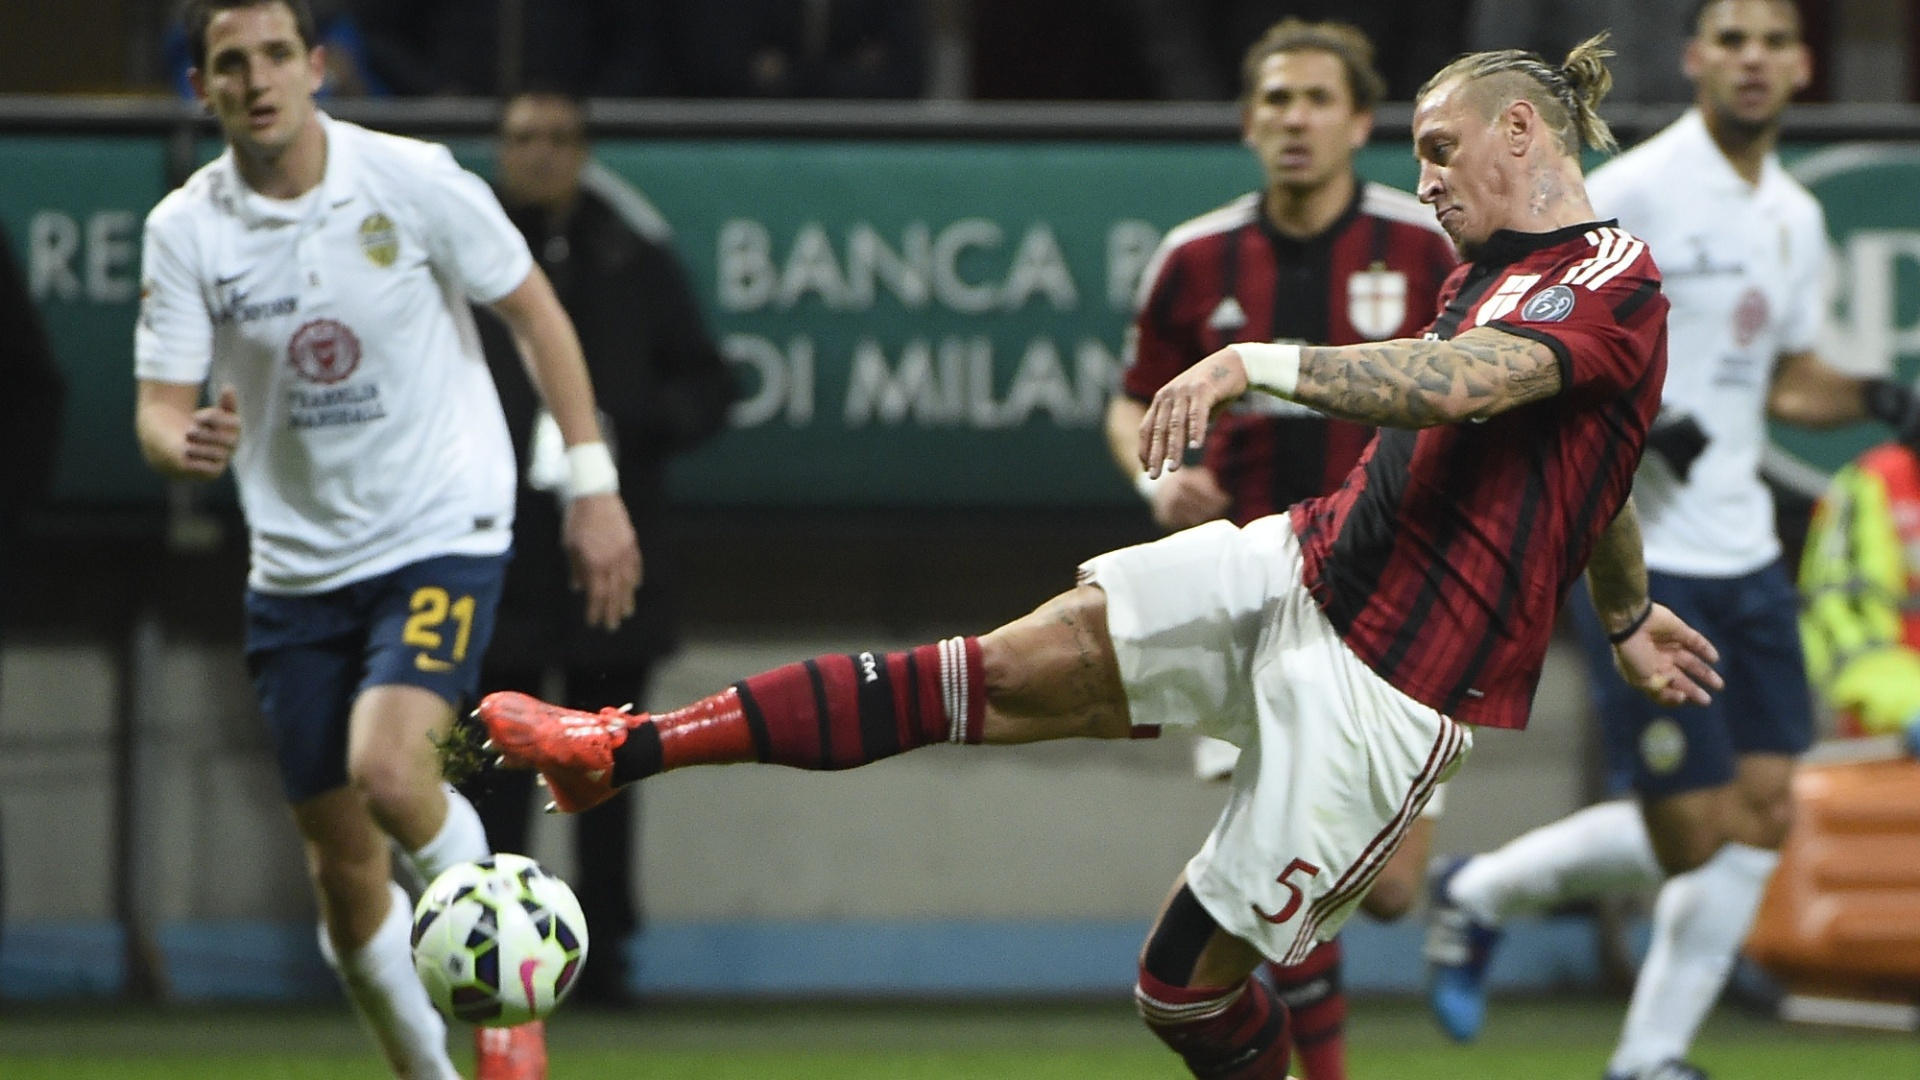 Mexes, zagueiro do Milan, tenta um chute na partida contra o Verona, pelo Campeonato Italiano